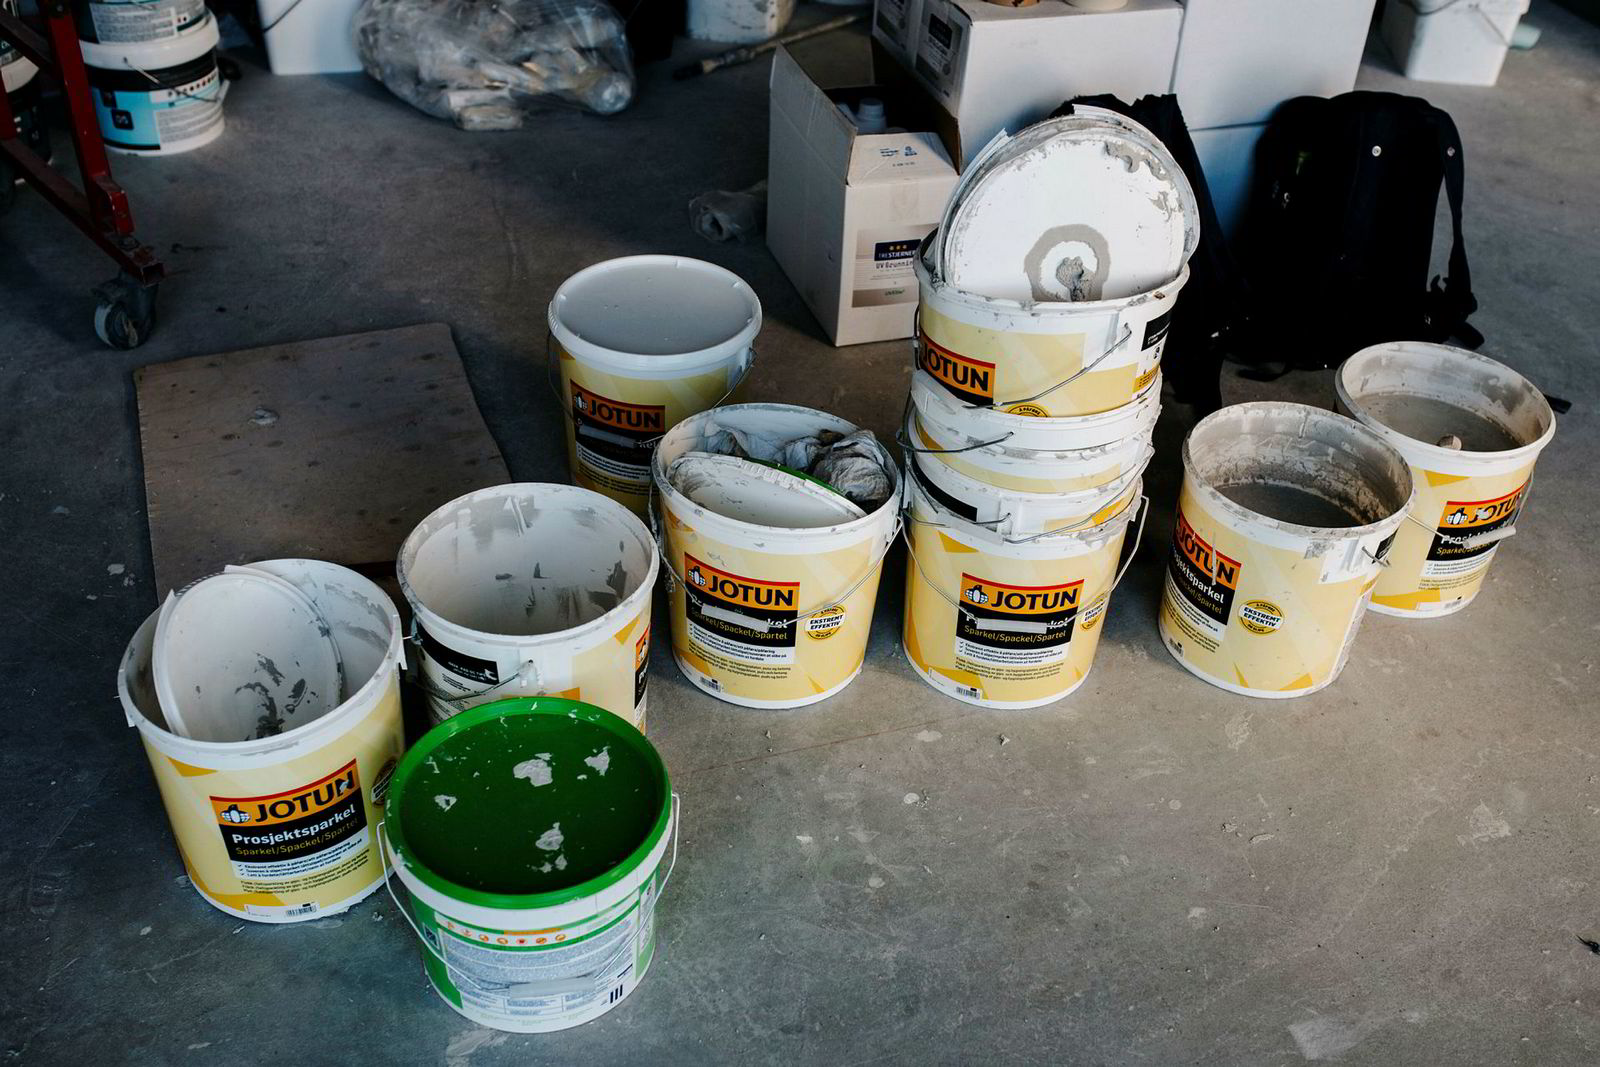 Det er kun Jotuns egne maleprodukter å se i selskapets bygg som er under oppføring.